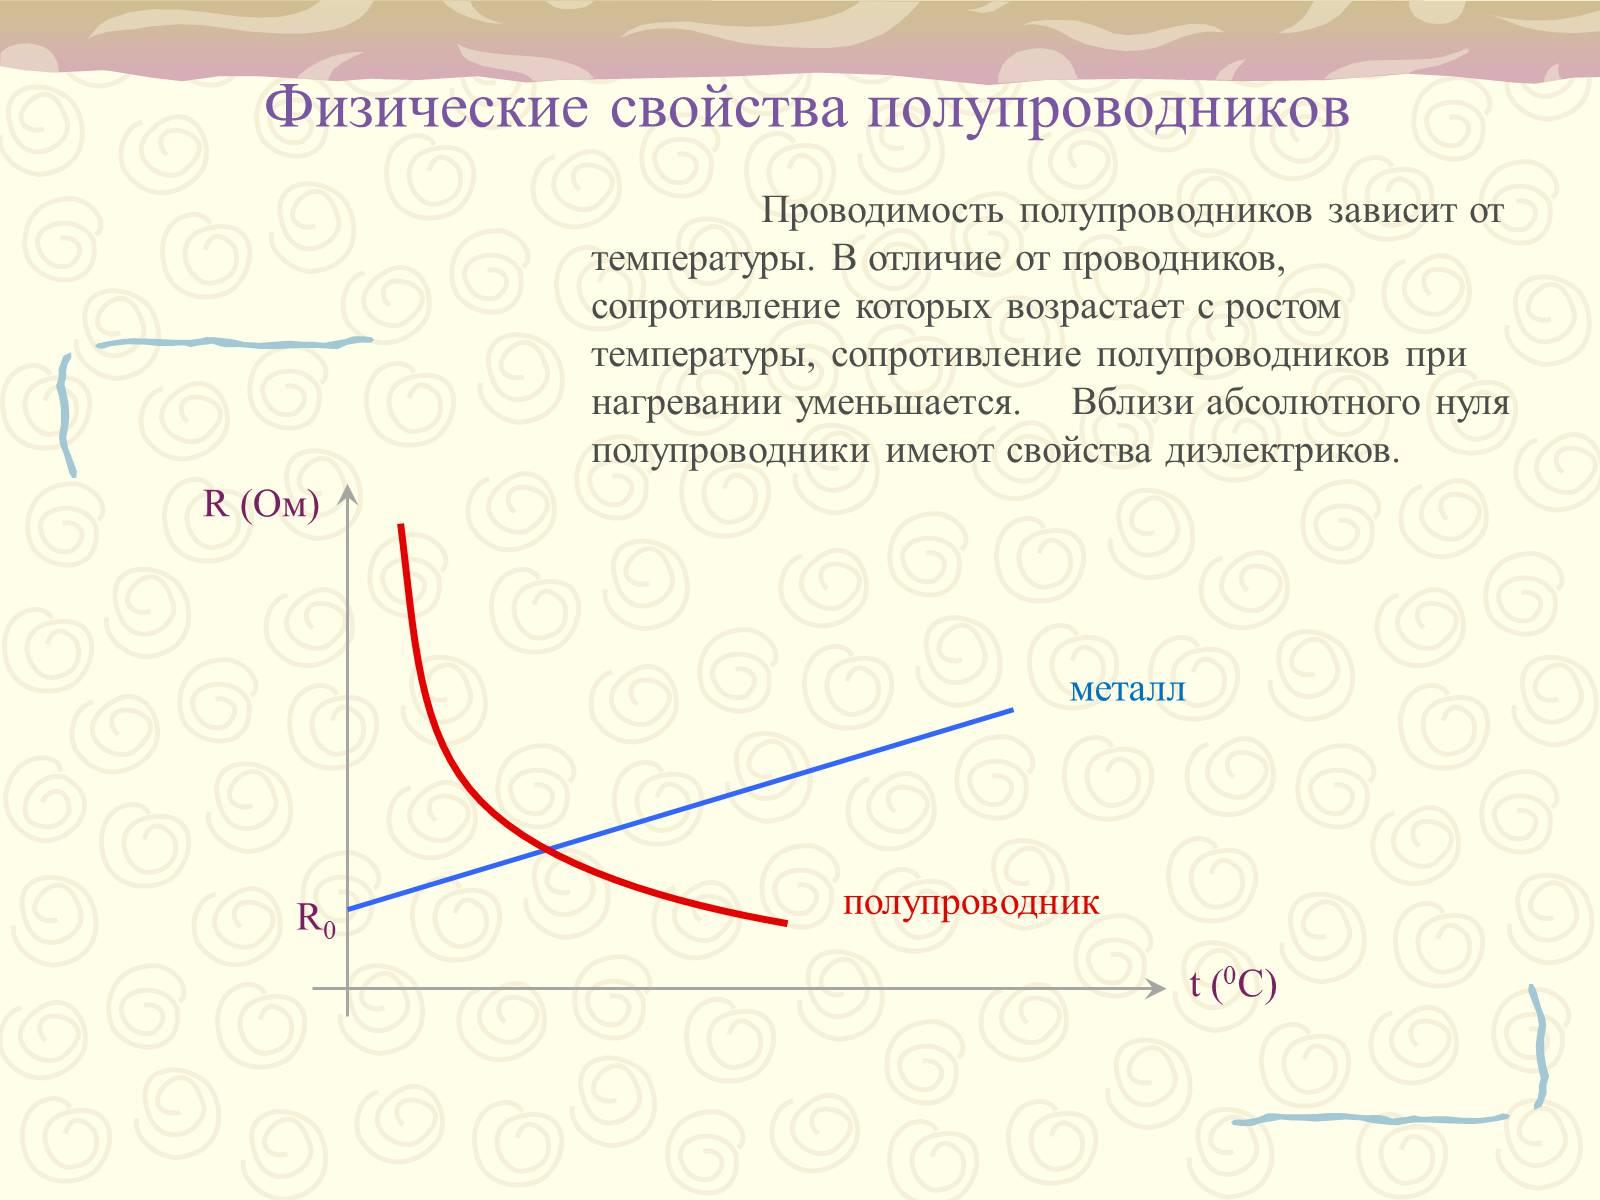 Полупроводник. n-тип, p-тип, примесные элементы.